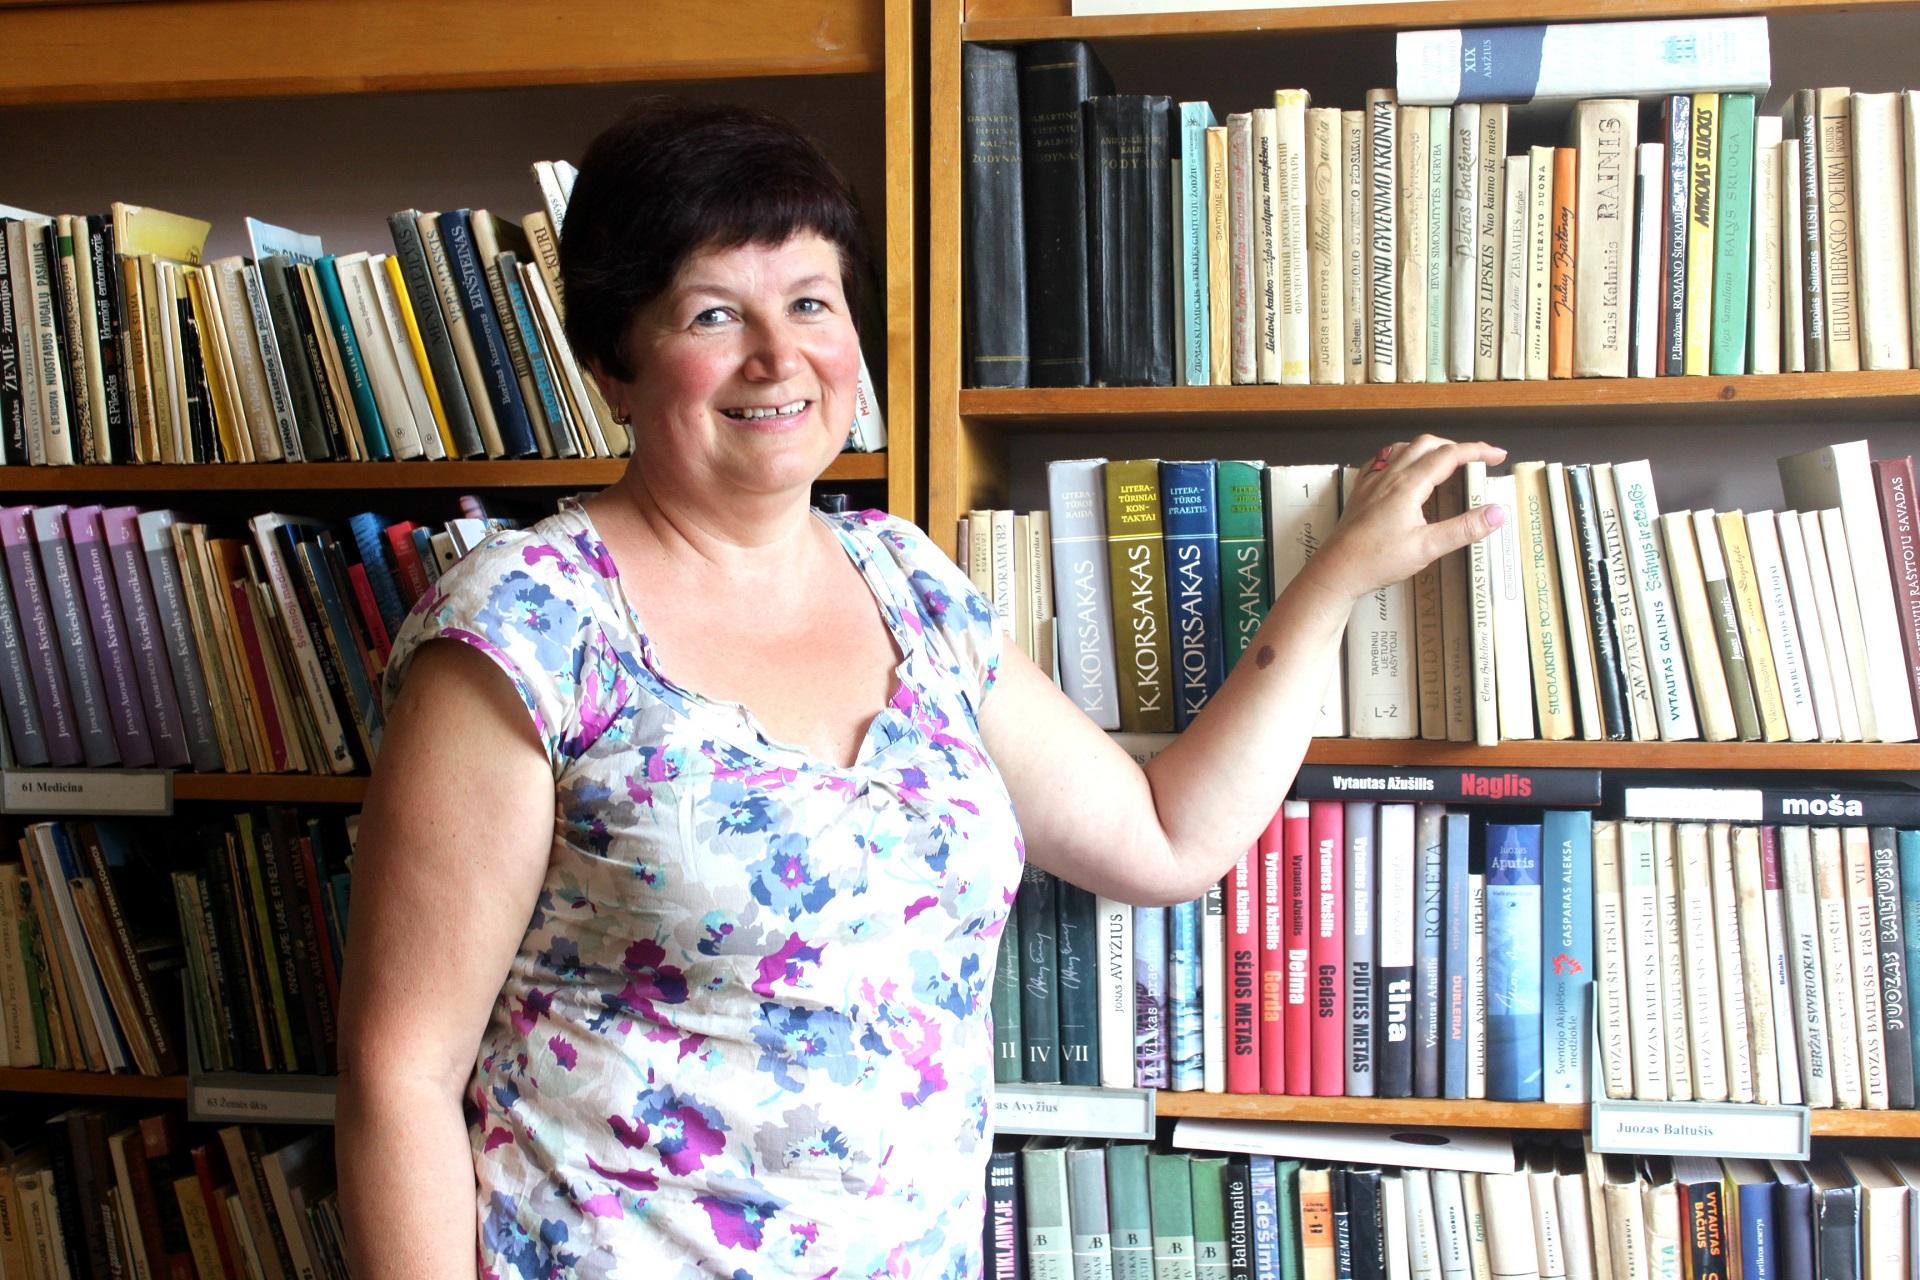 Albina Mačanskienė bibliotekininke Paaluonyje dirba jau 21-erius metus. Moteris knygas ne tik išduoda, tačiau, jei prireikia, nesibodi bibliotekos pasiekti negalinčiam žmogui ir į namus skaitinių nunešti. V. Petrilevičienės nuotr.